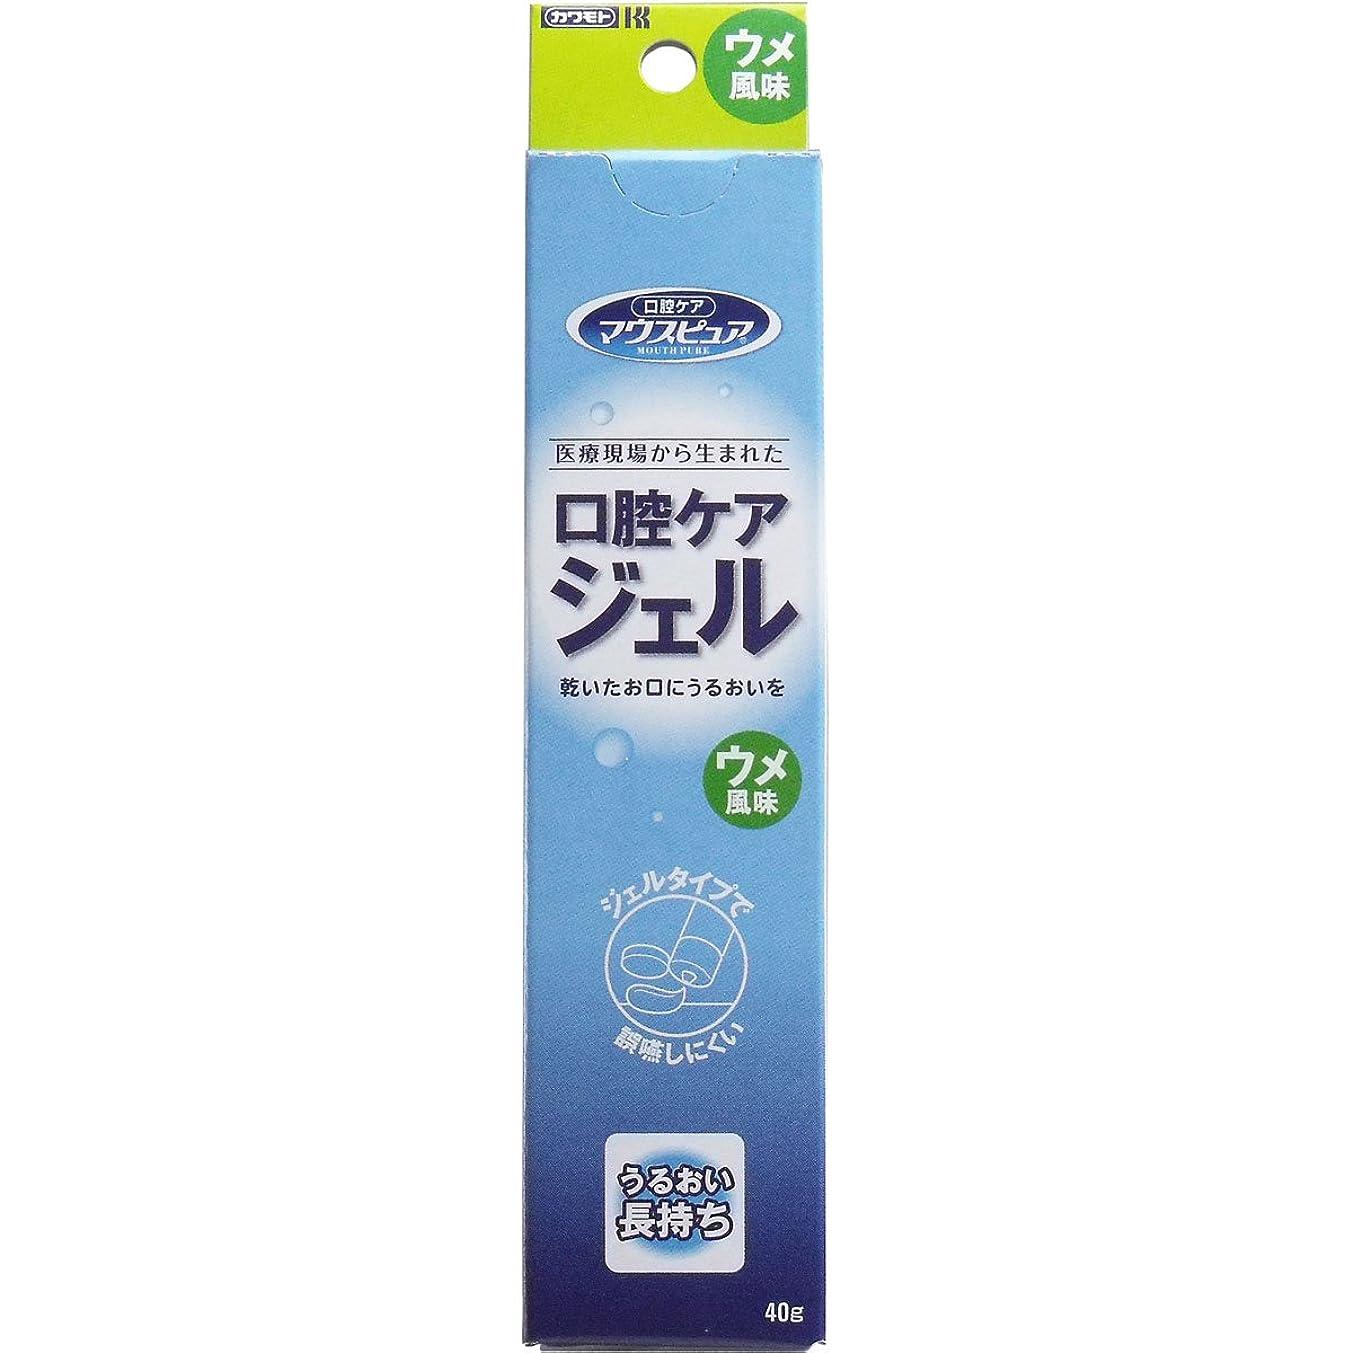 ドアメッシュ歌【カワモト】マウスピュア 口腔ケアジェル ウメ風味 40g ×10個セット